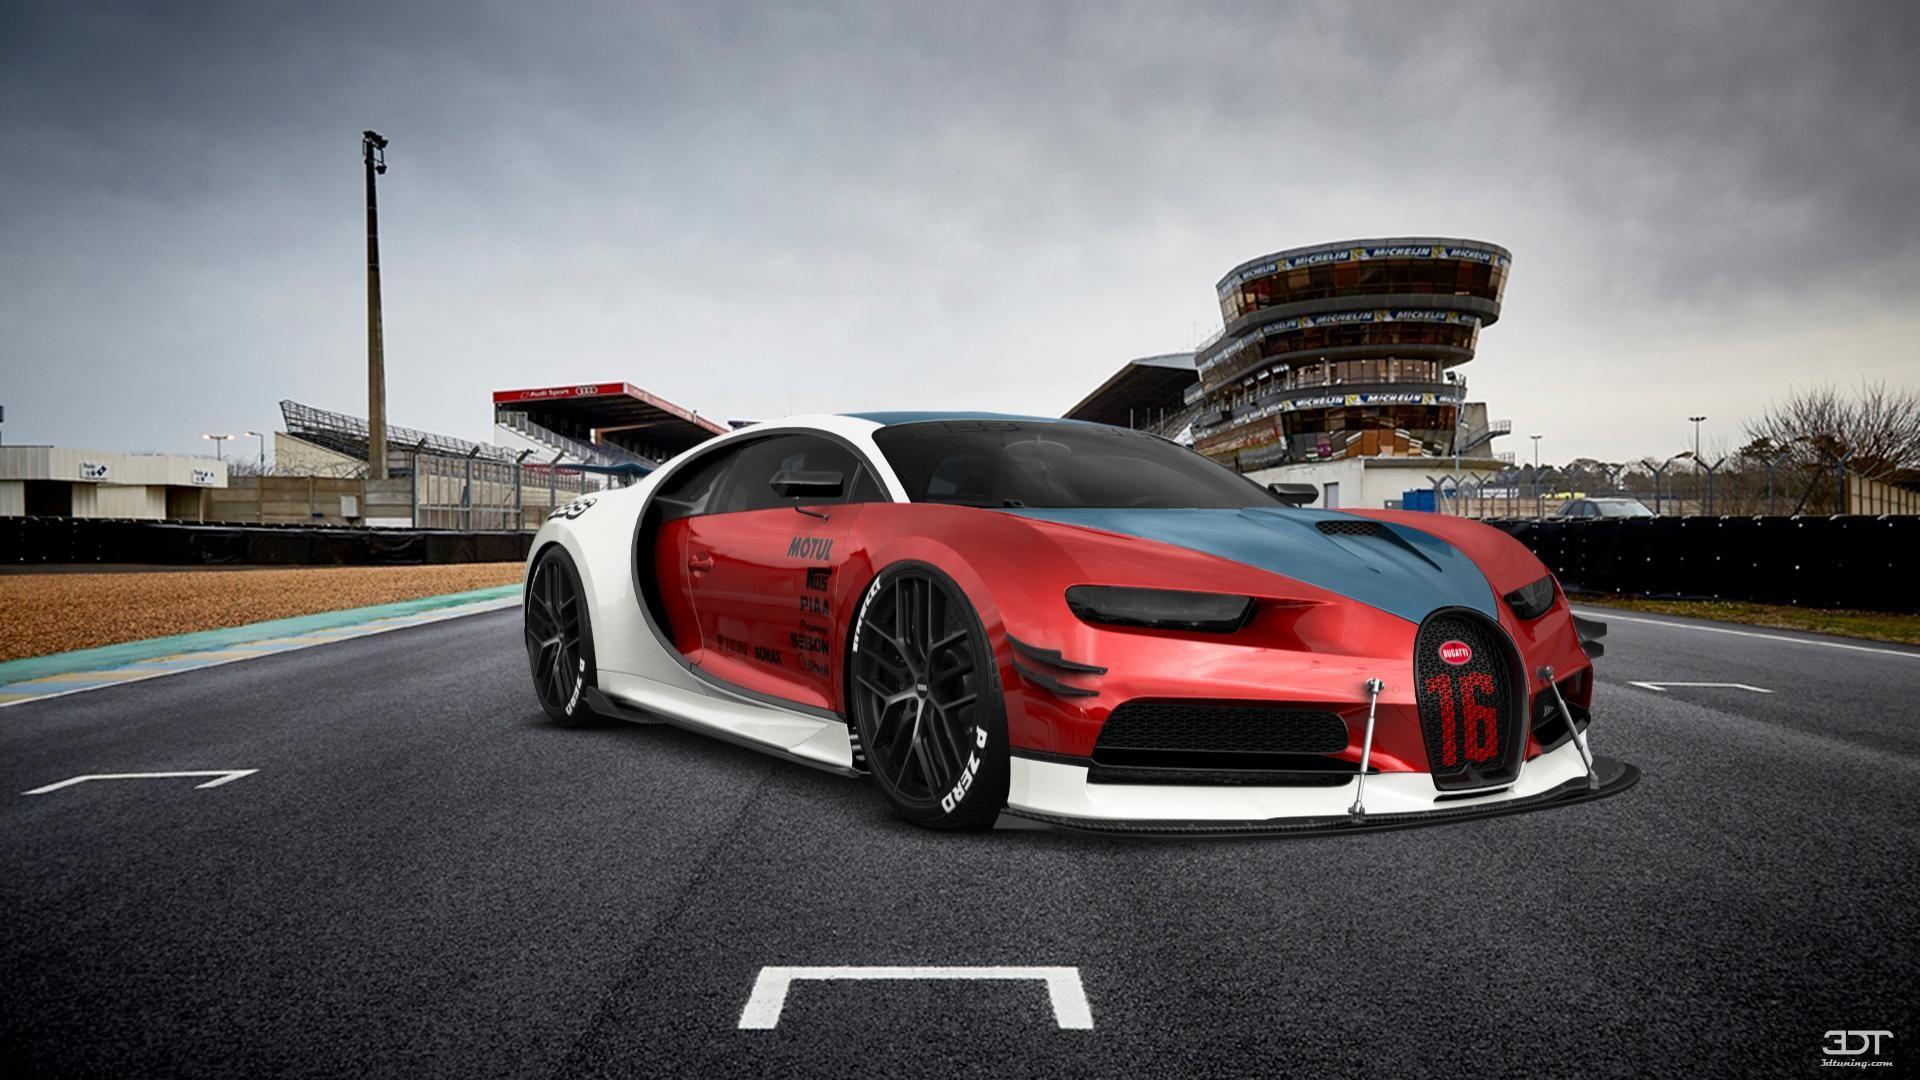 Bugatti Lm Gte Bugatti Bugatti Chiron Pirelli Tires